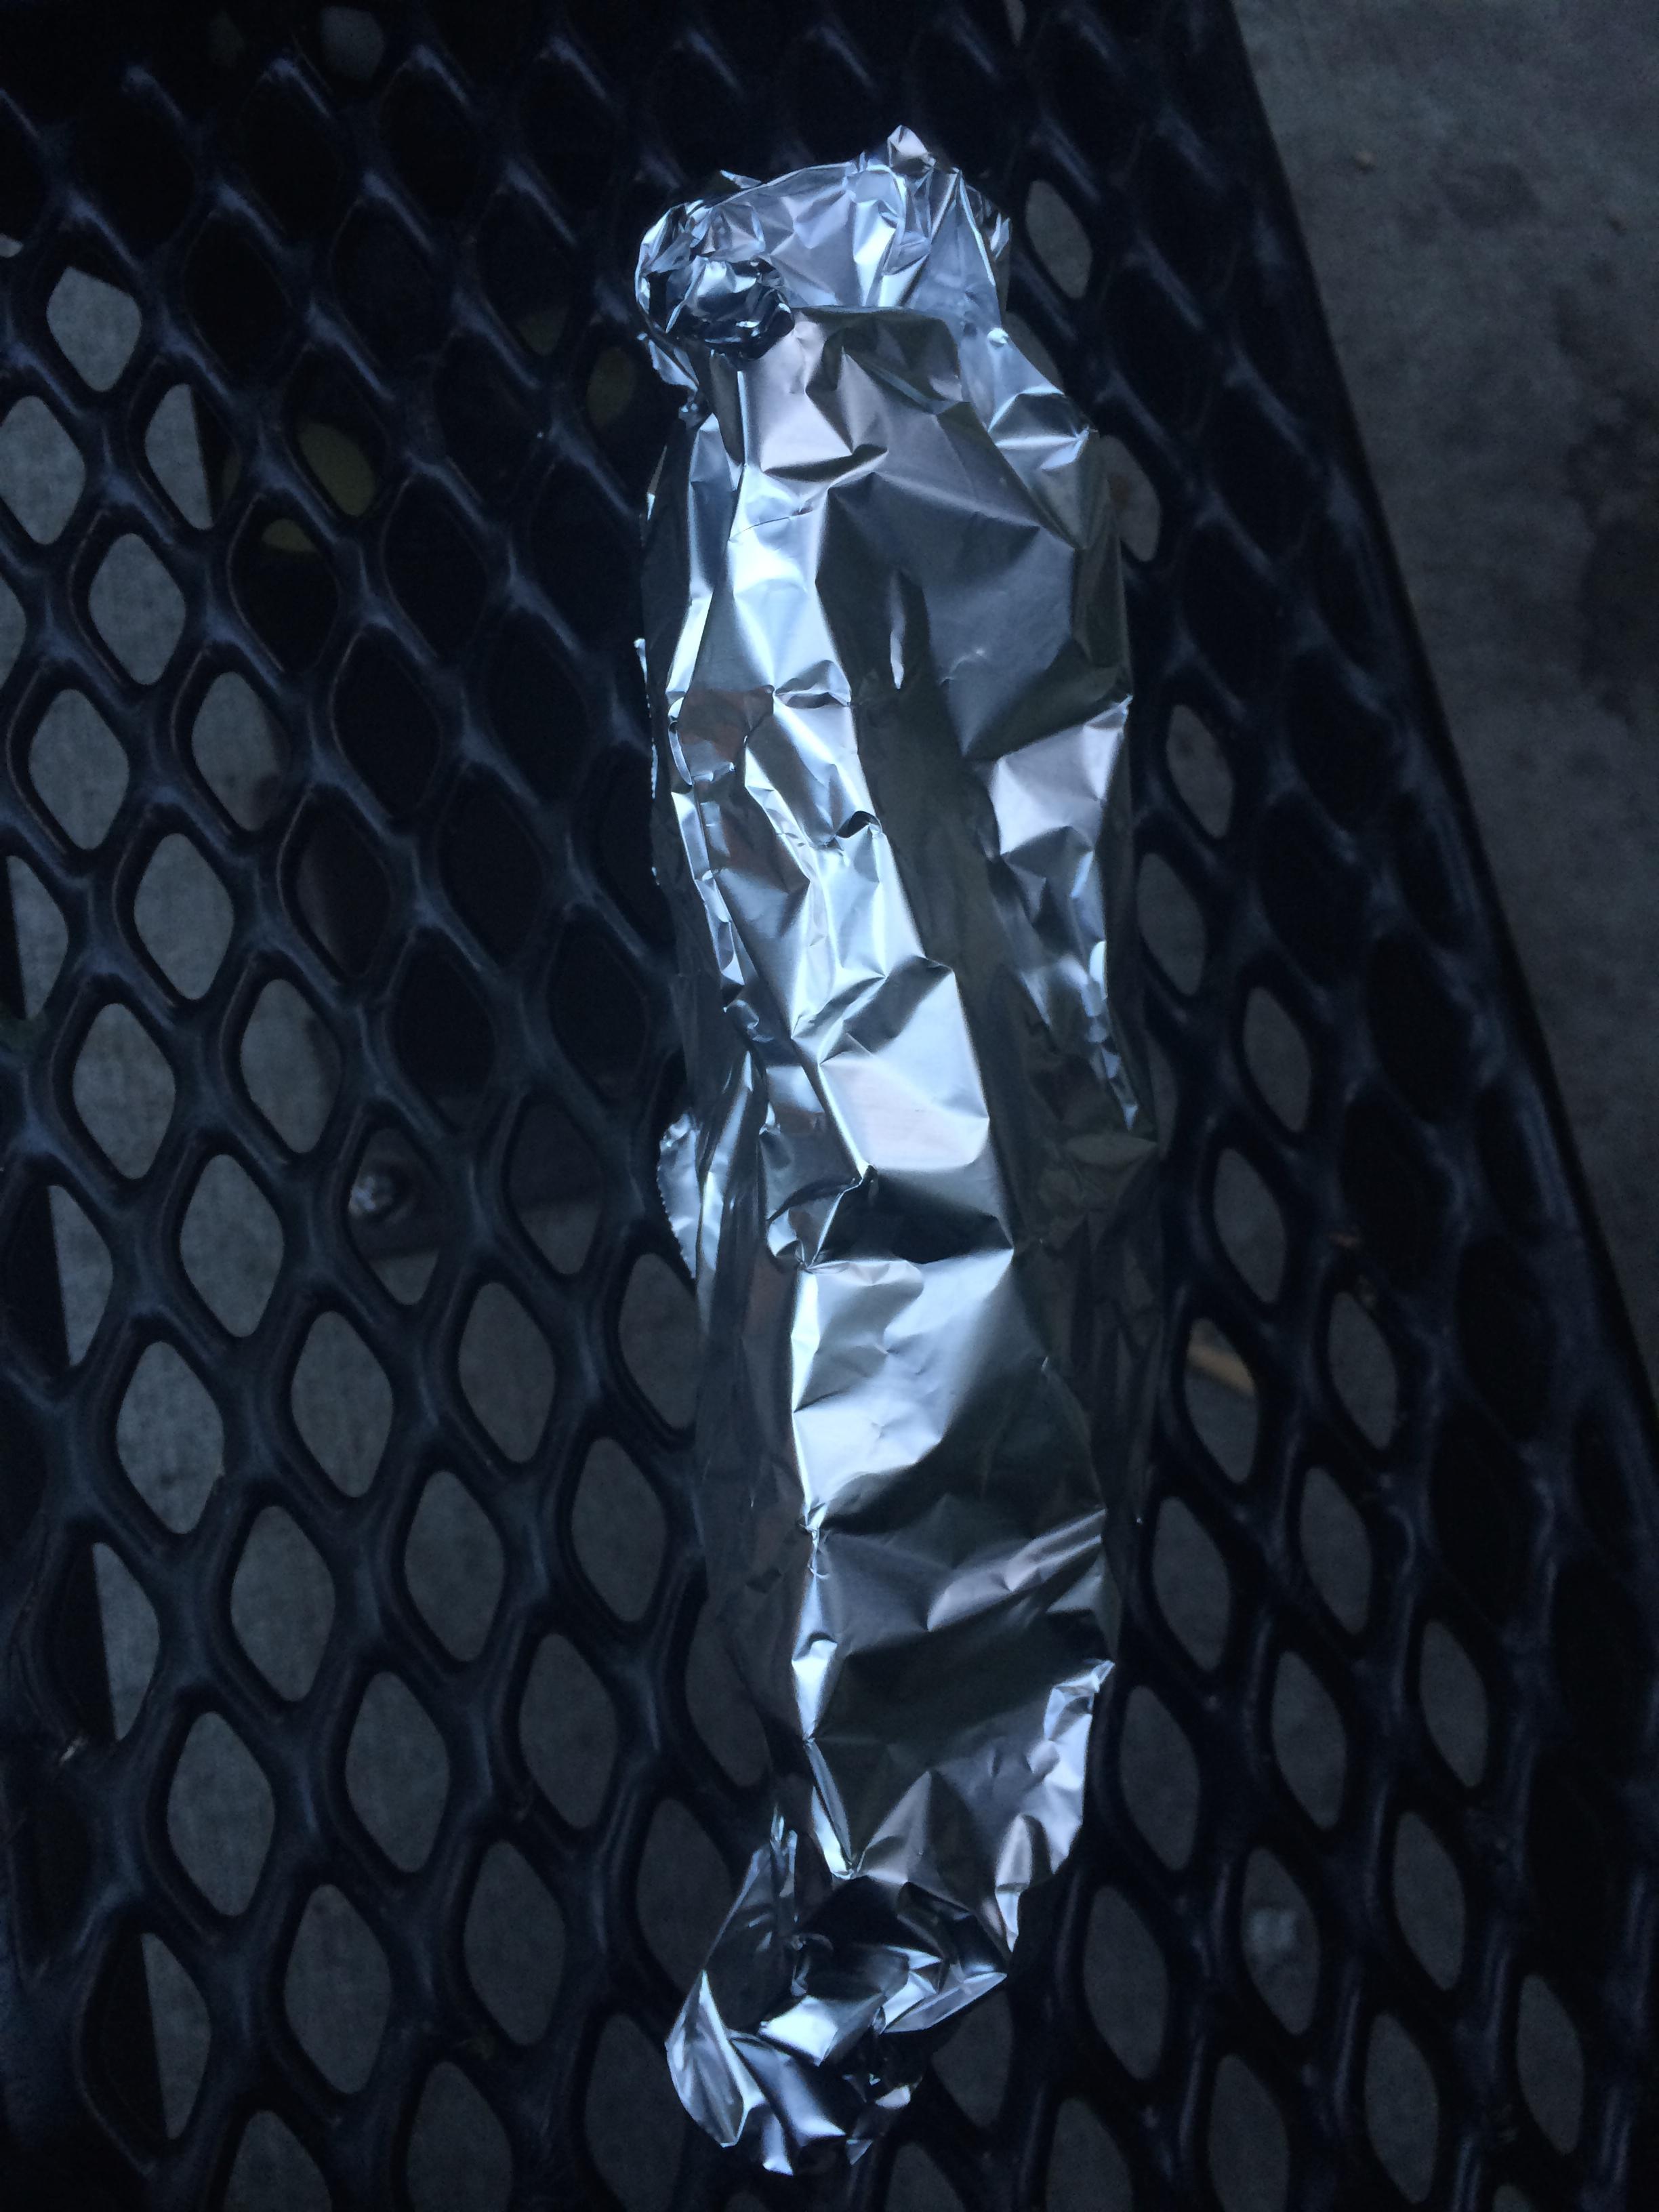 tin foil banana boat dessert